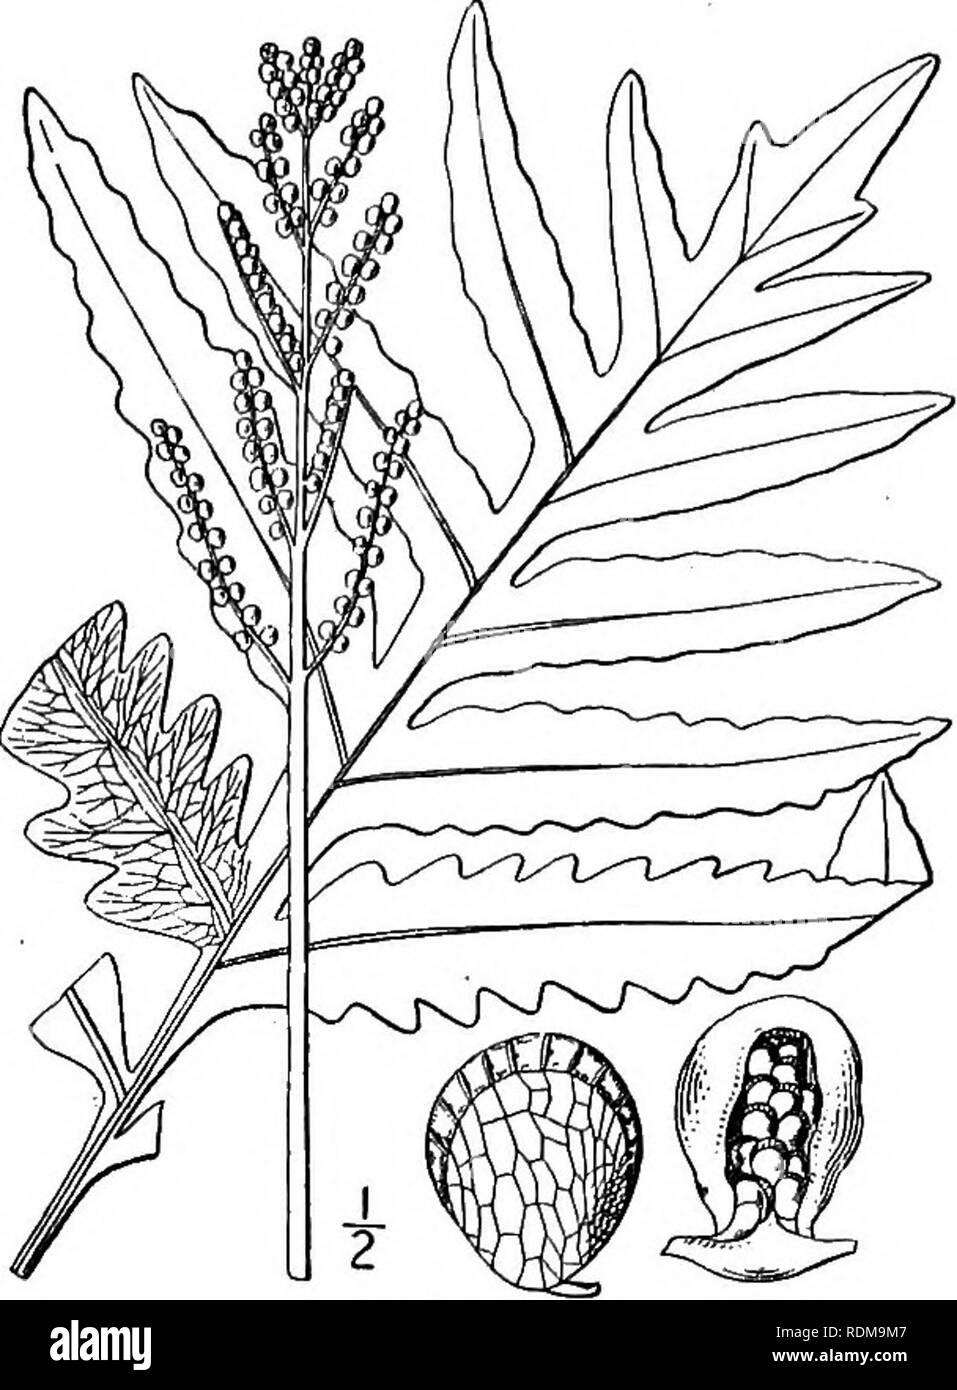 . Un ilustrado de la flora del norte de Estados Unidos, Canadá y las posesiones británicas, desde Terranova hasta el paralelo de la frontera meridional de Virginia, y desde el océano Atlántico hacia el oeste hasta el meridiano 102d. La botánica; la botánica. Género i. Familia de helechos. 11 Yo. Onoclea sensibilis L. sensible helecho. Fig. 21. Onoclea sensibilis L. sp. PI. 1062. 1753. Portainjerto más esbelta, copiosamente enraizamiento. Fer- hojas de mosaico i°-2j° alta, persistente durante el invierno, la parte fértil bipinnate, mucho contratado, el corto pinnules enrollada en baya-cerrado como órganos y formando un estrecho cerca de panoja. Ster Foto de stock